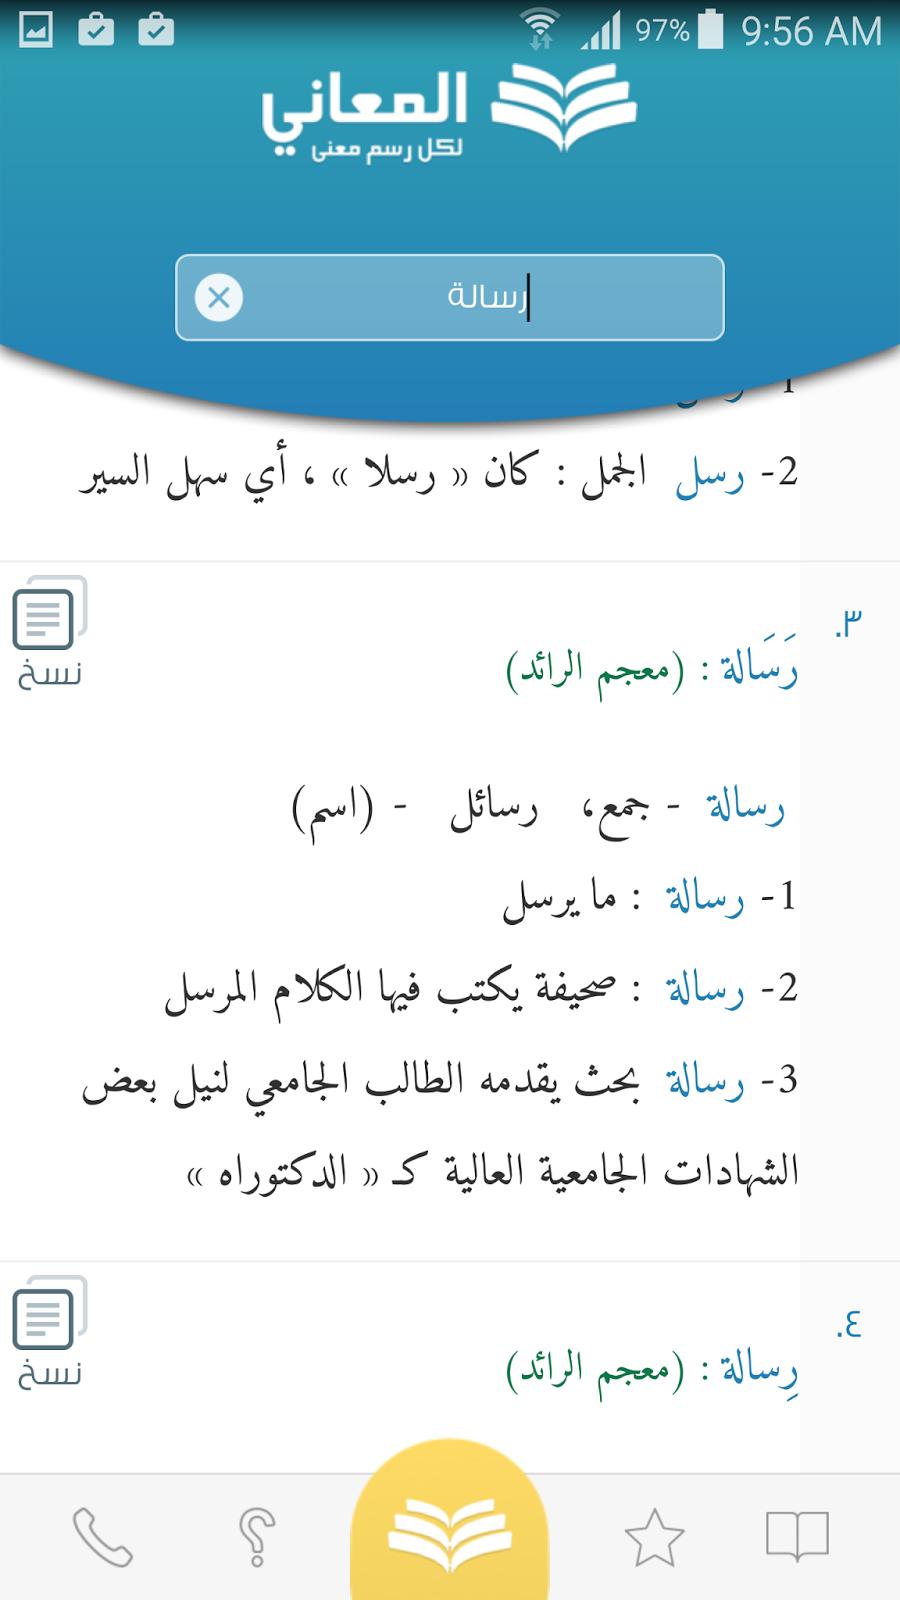 تحميل برنامج ترجمة من الانجليزية الى العربية